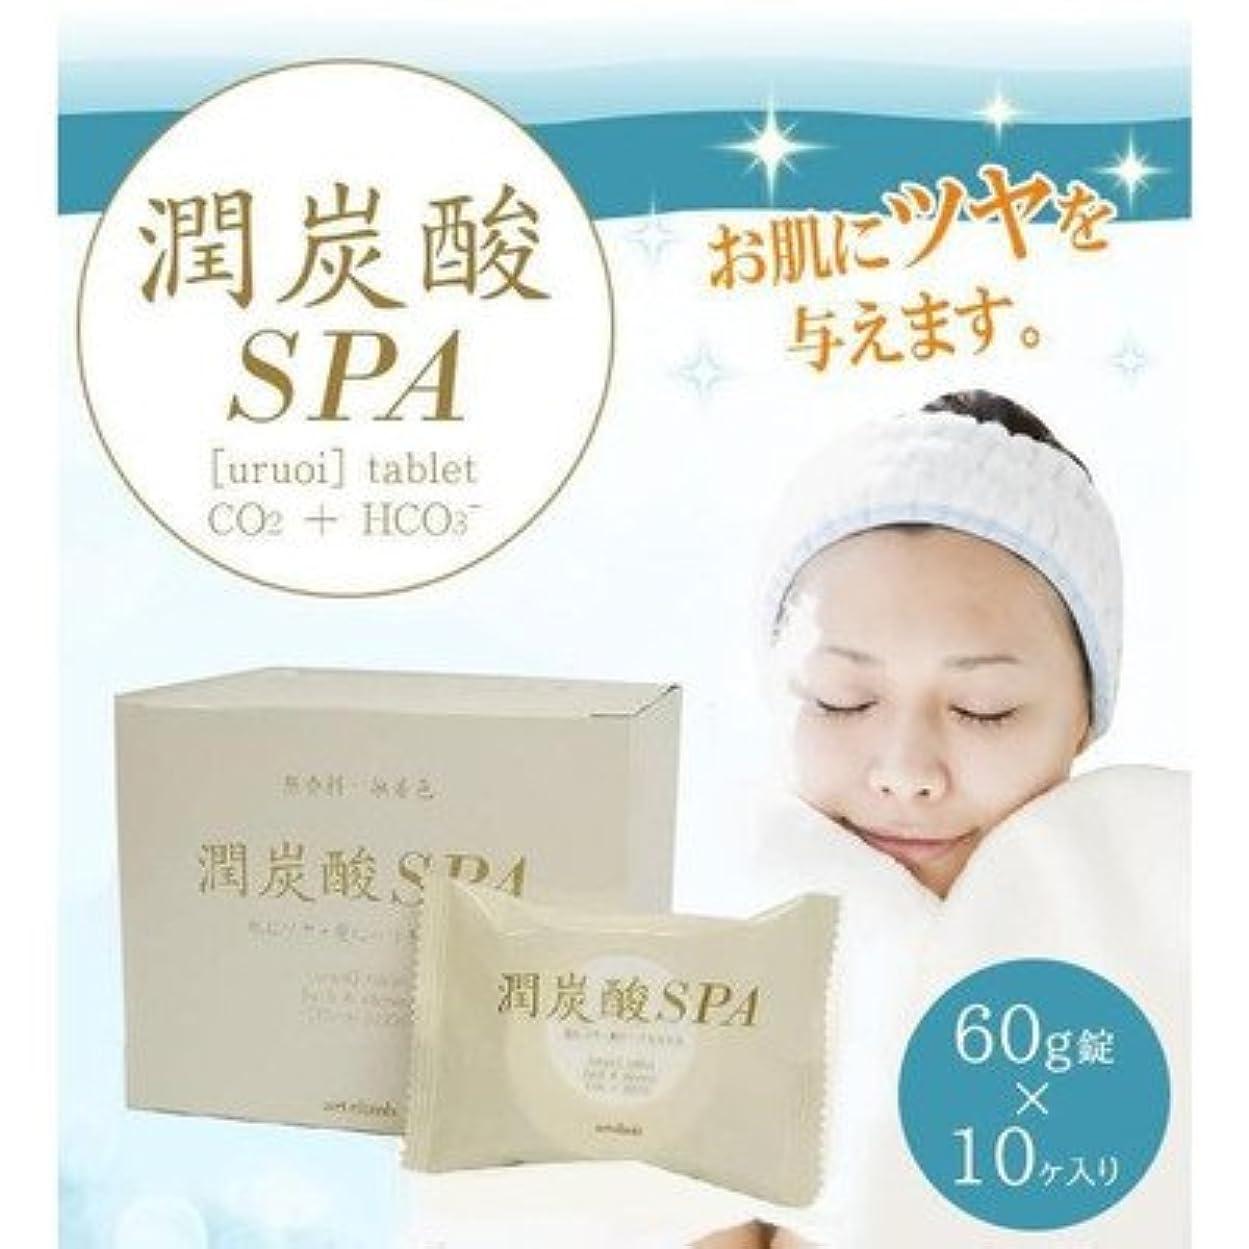 珍味フィットカウンターパート潤炭酸SPA BS 60g錠×10ヶ入り (浴用化粧料)